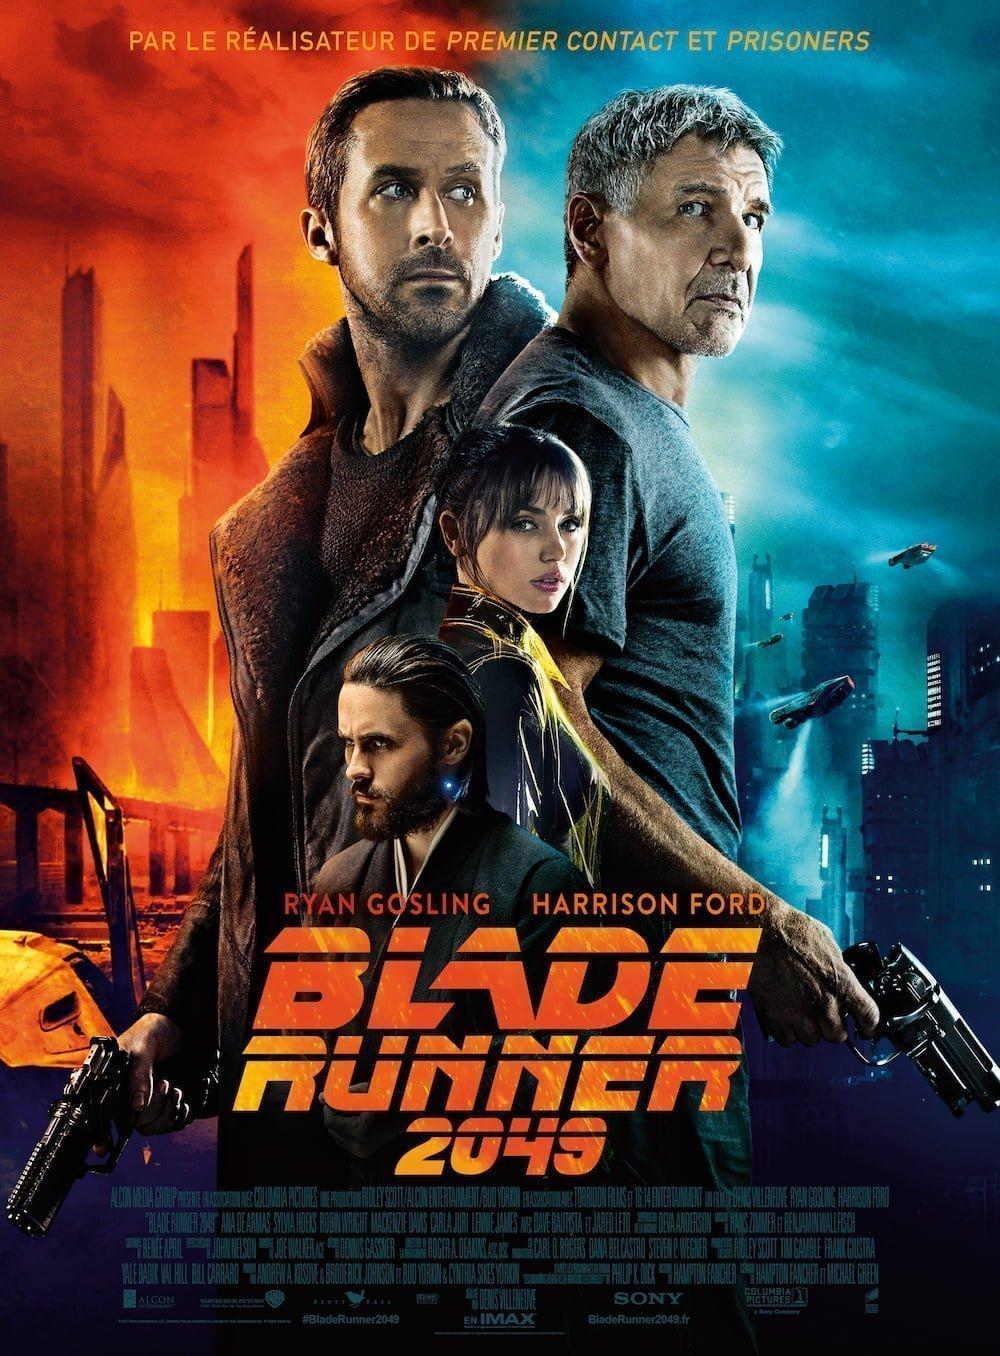 Blade Runner 2049 affiche furyosa 2